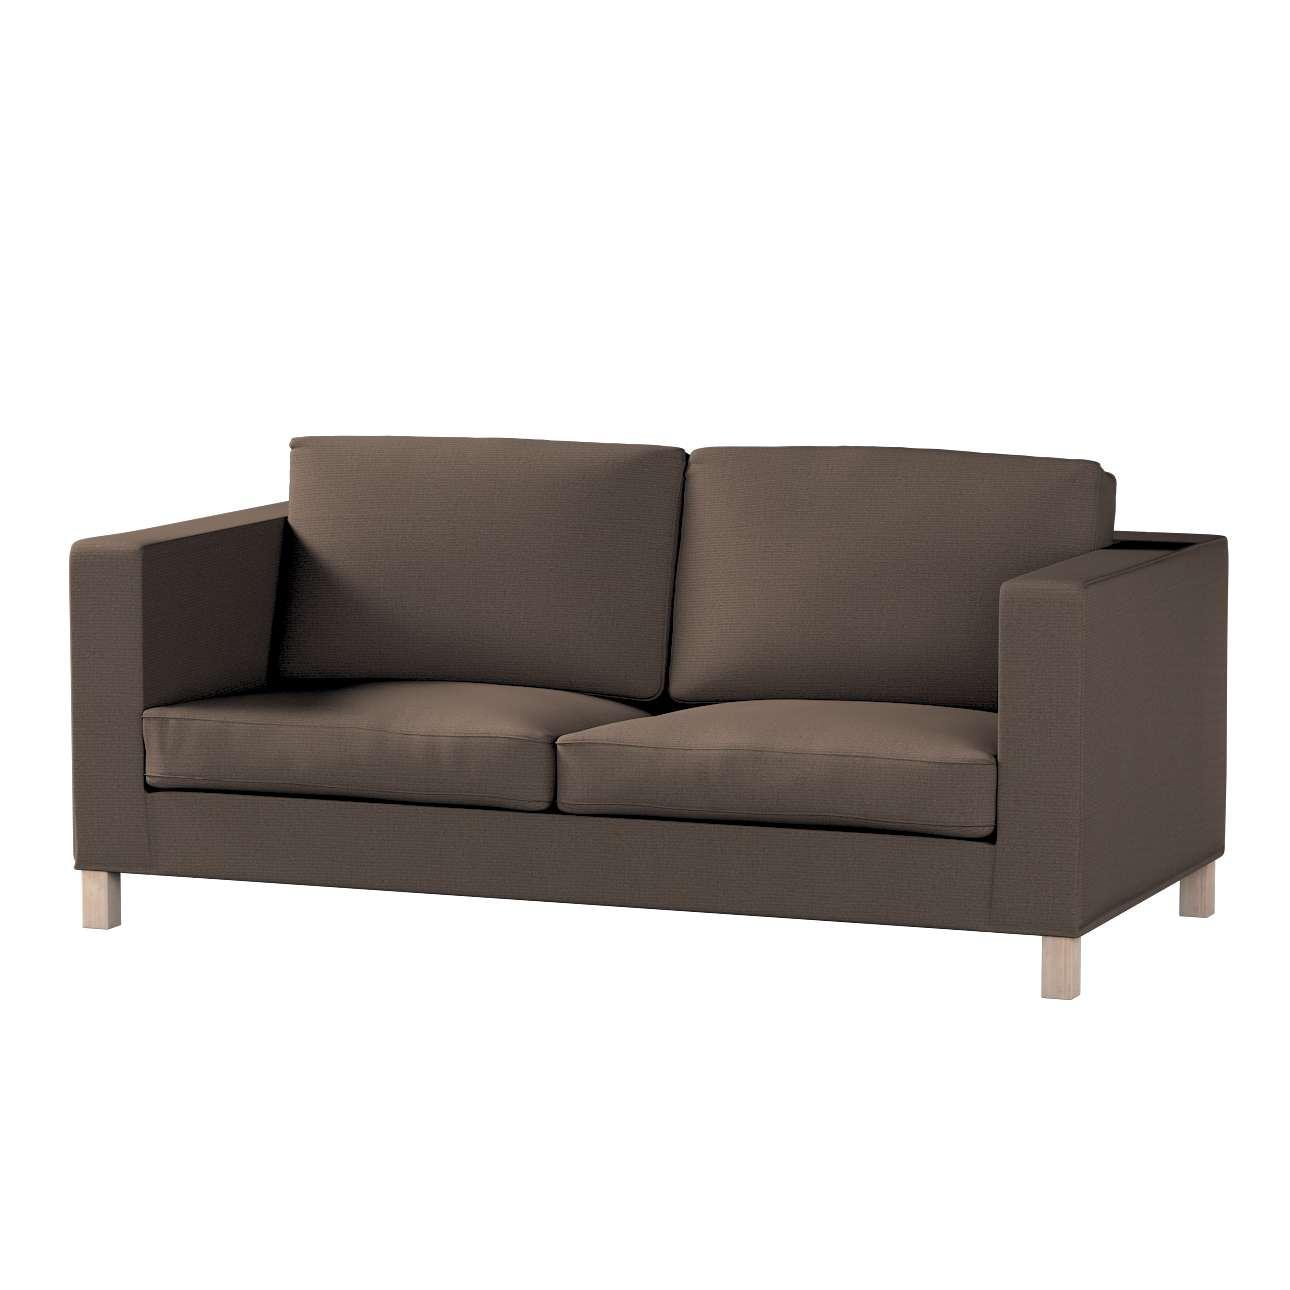 Pokrowiec na sofę Karlanda rozkładaną, krótki Sofa Karlanda rozkładana w kolekcji Etna , tkanina: 705-08